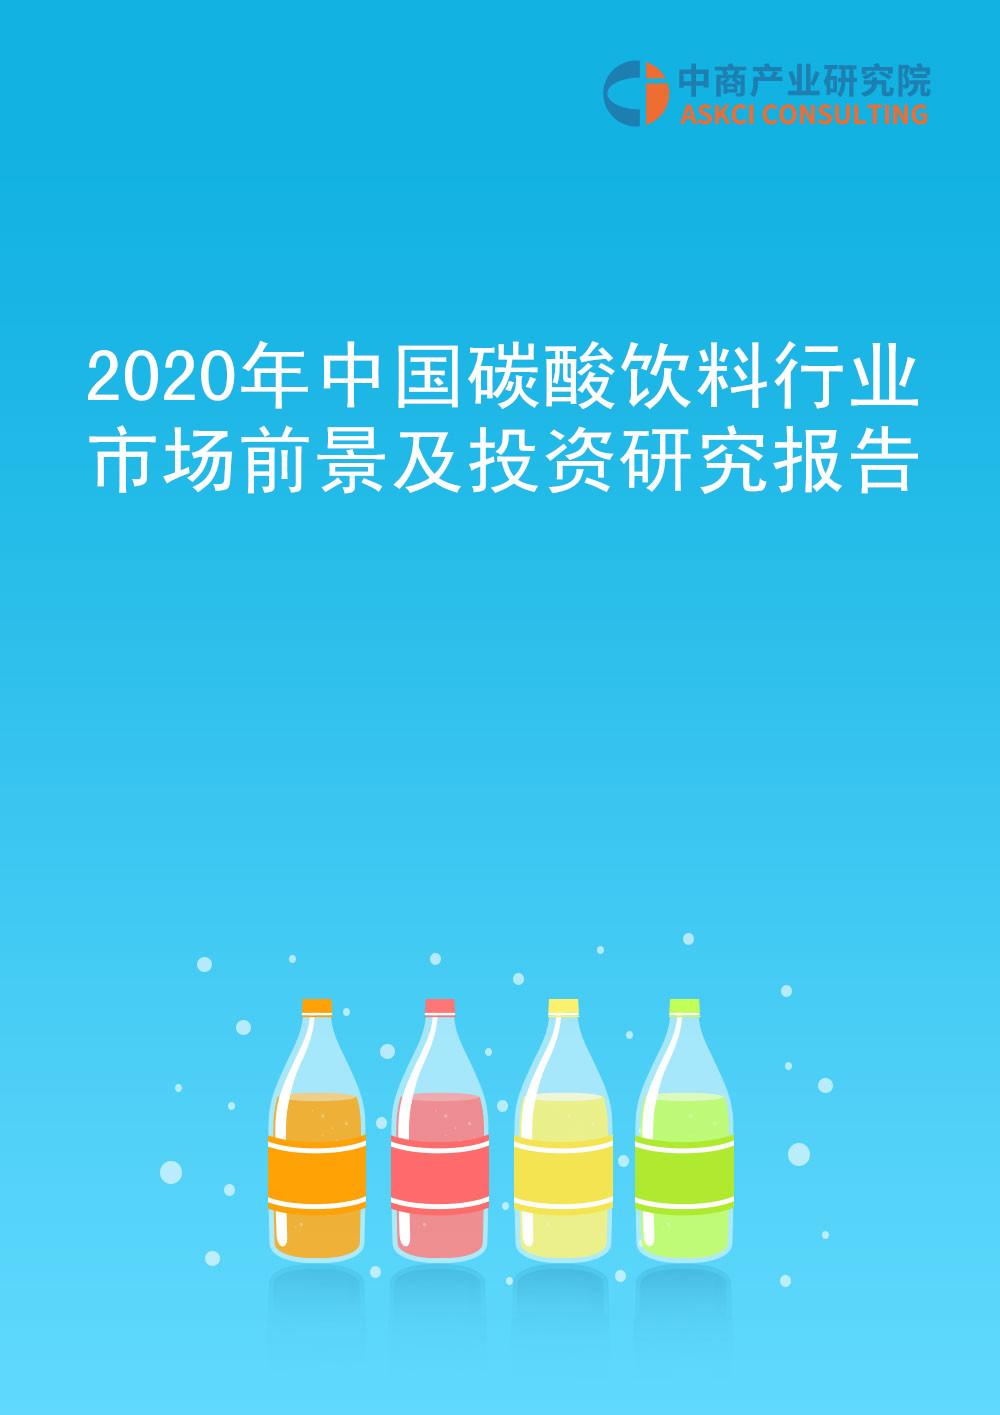 2020年中国碳酸饮料行业市场前景及投资研究报告